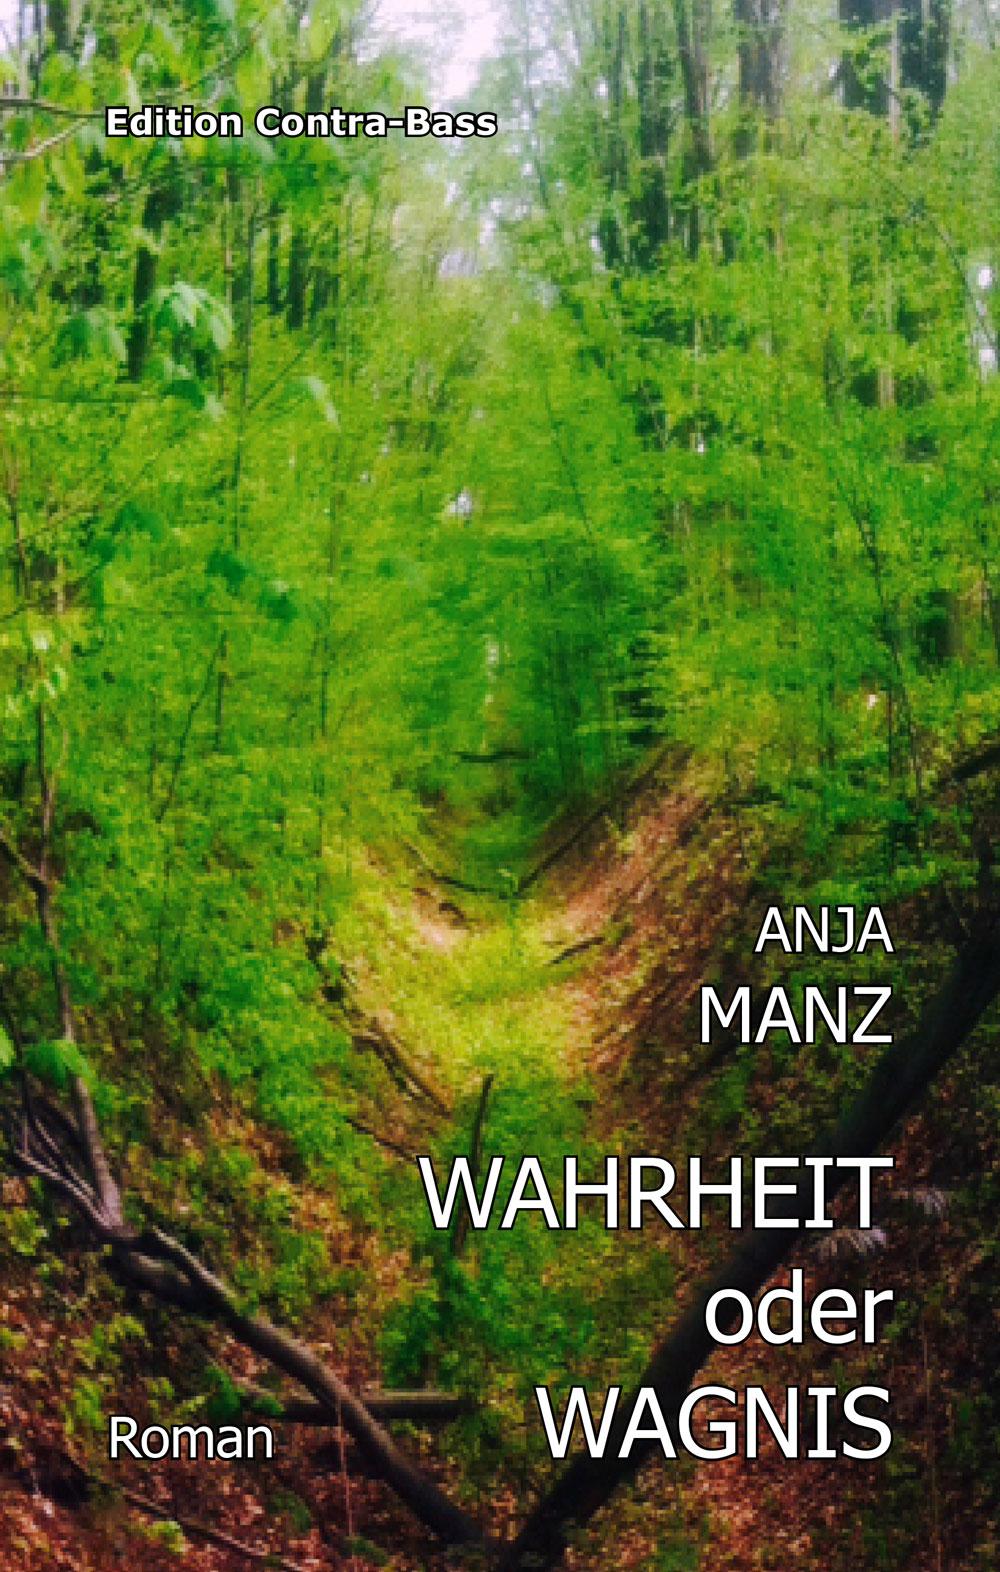 Wahrheit oder Wagnis, Anja Manz, contra-bass, verlag